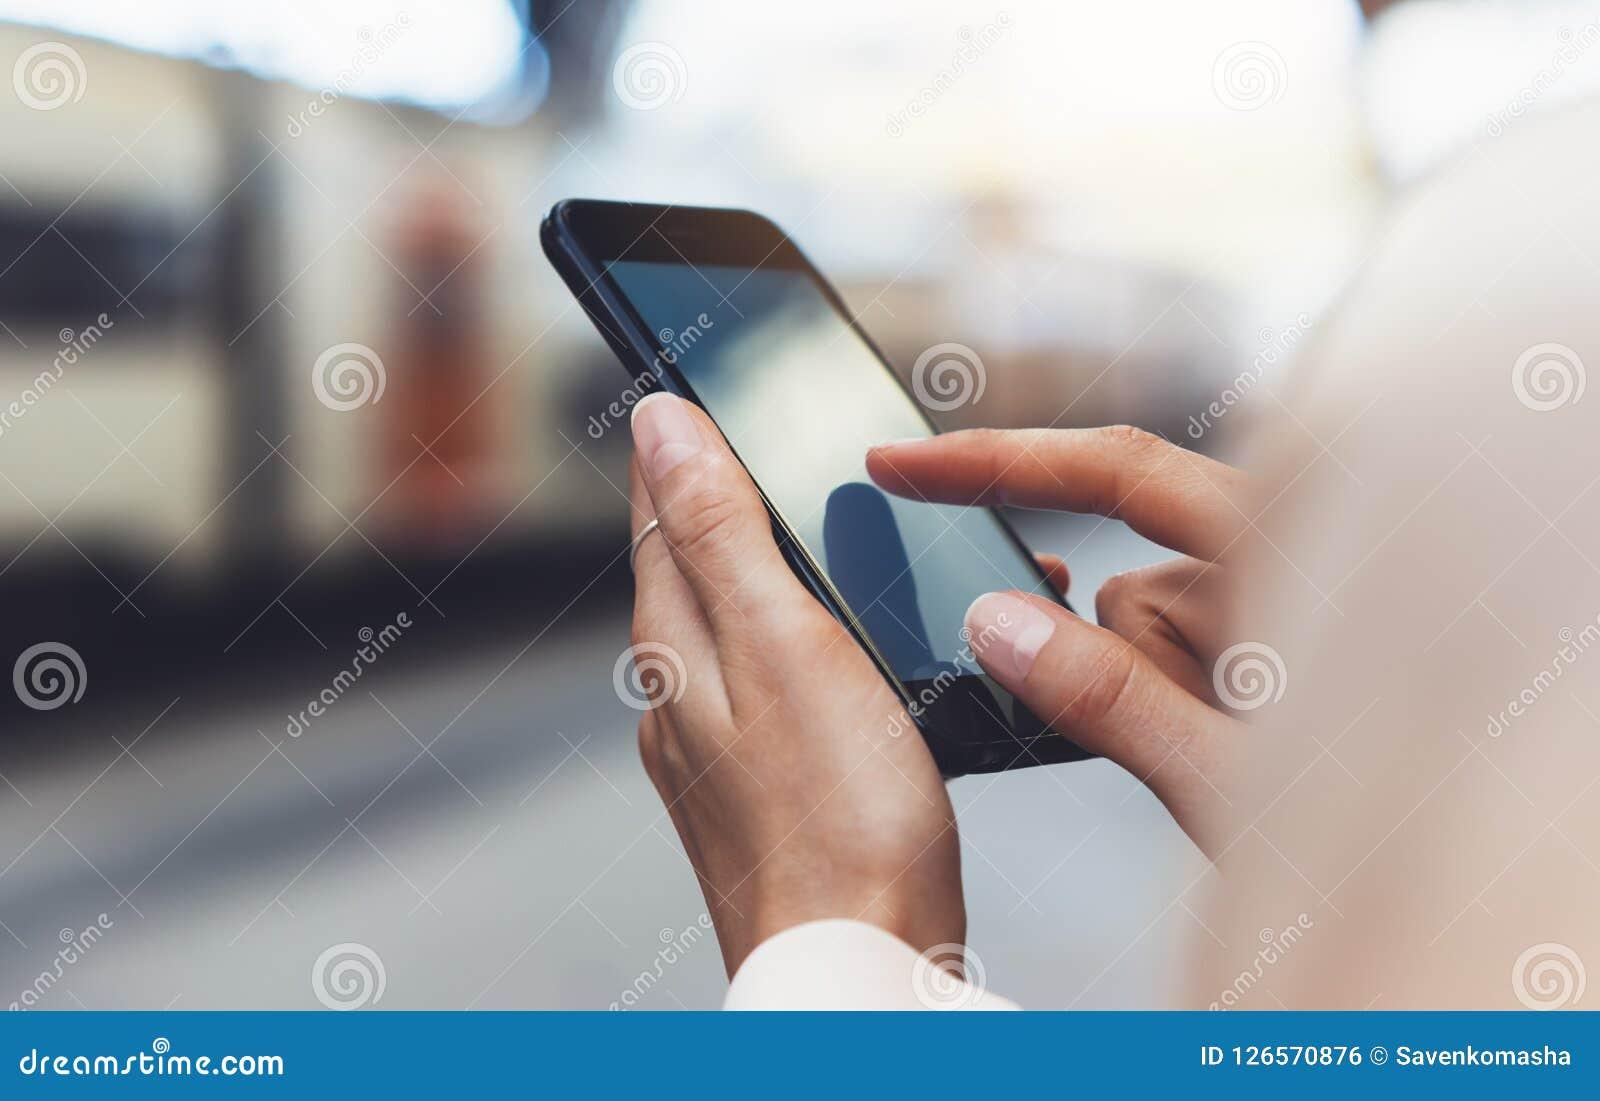 Bloggerhipster som använder i handgrejmobiltelefonen, smsande meddelande för kvinna på smartphonen för tom skärm, smsande meddela